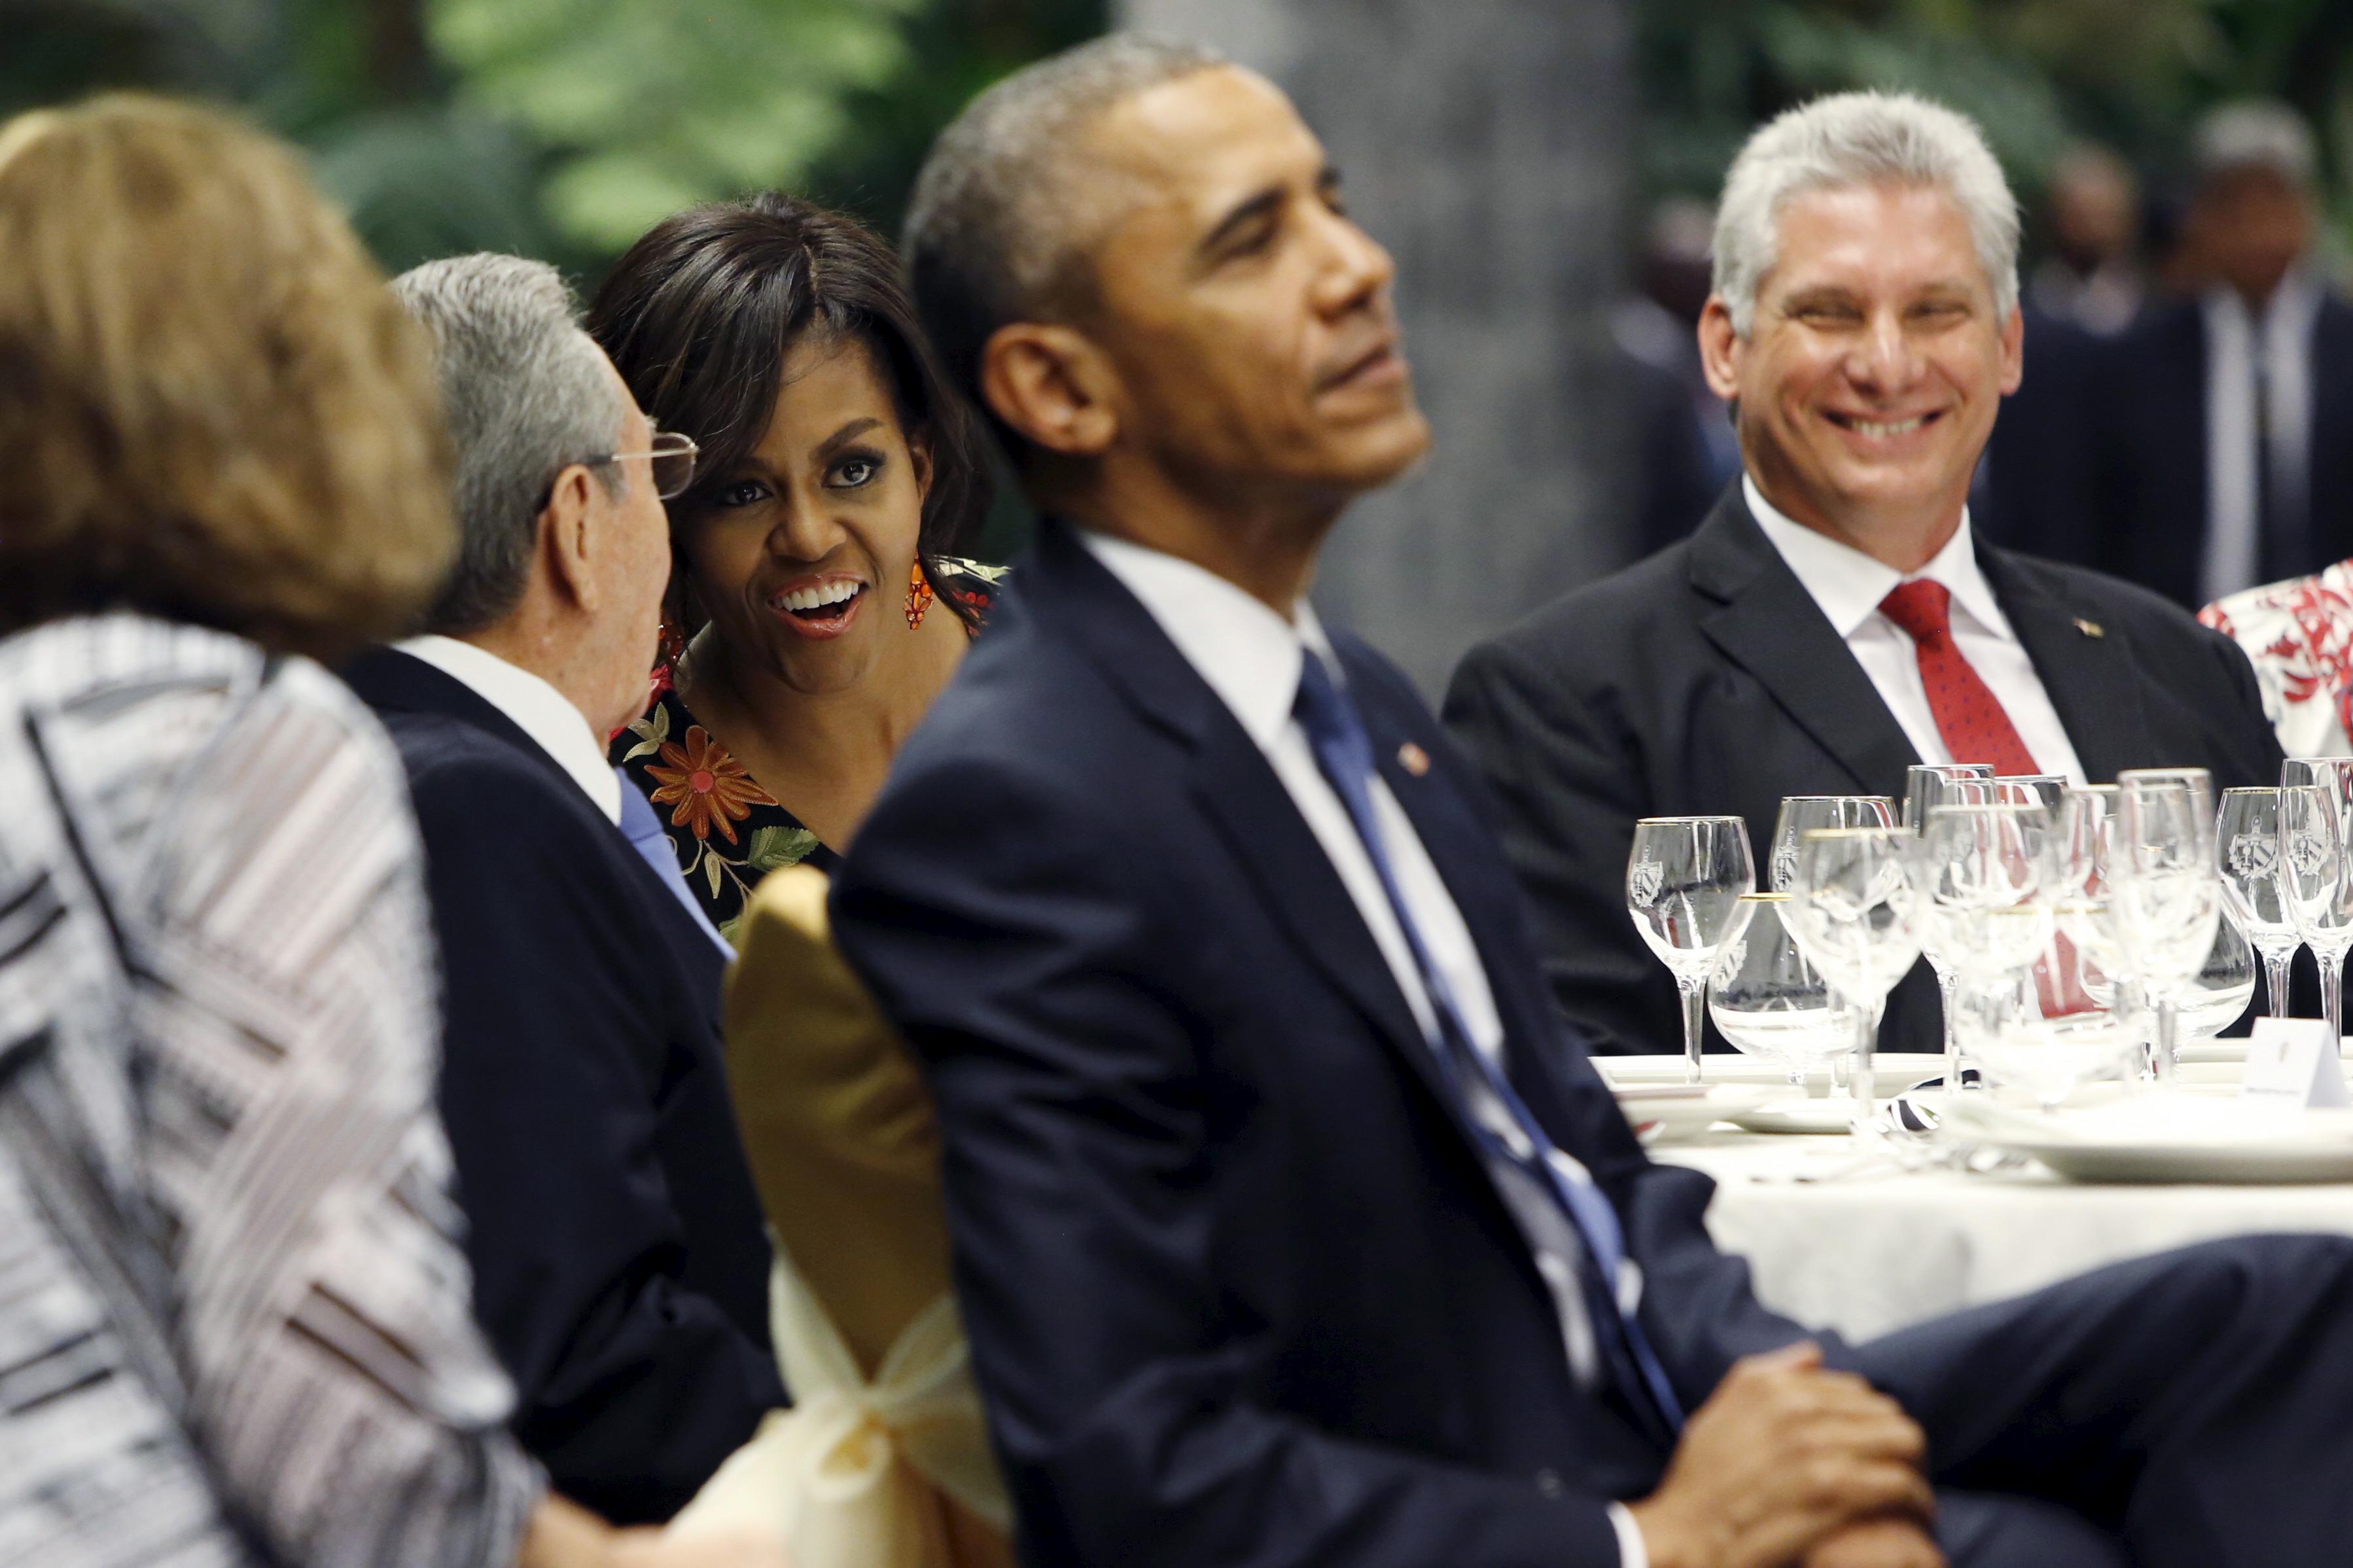 Miguel Diaz-Canel za stolom sa bivšom prvom damom Amerike Michelle Obama i bivšim američkim predsjednikom Barackom Obamom